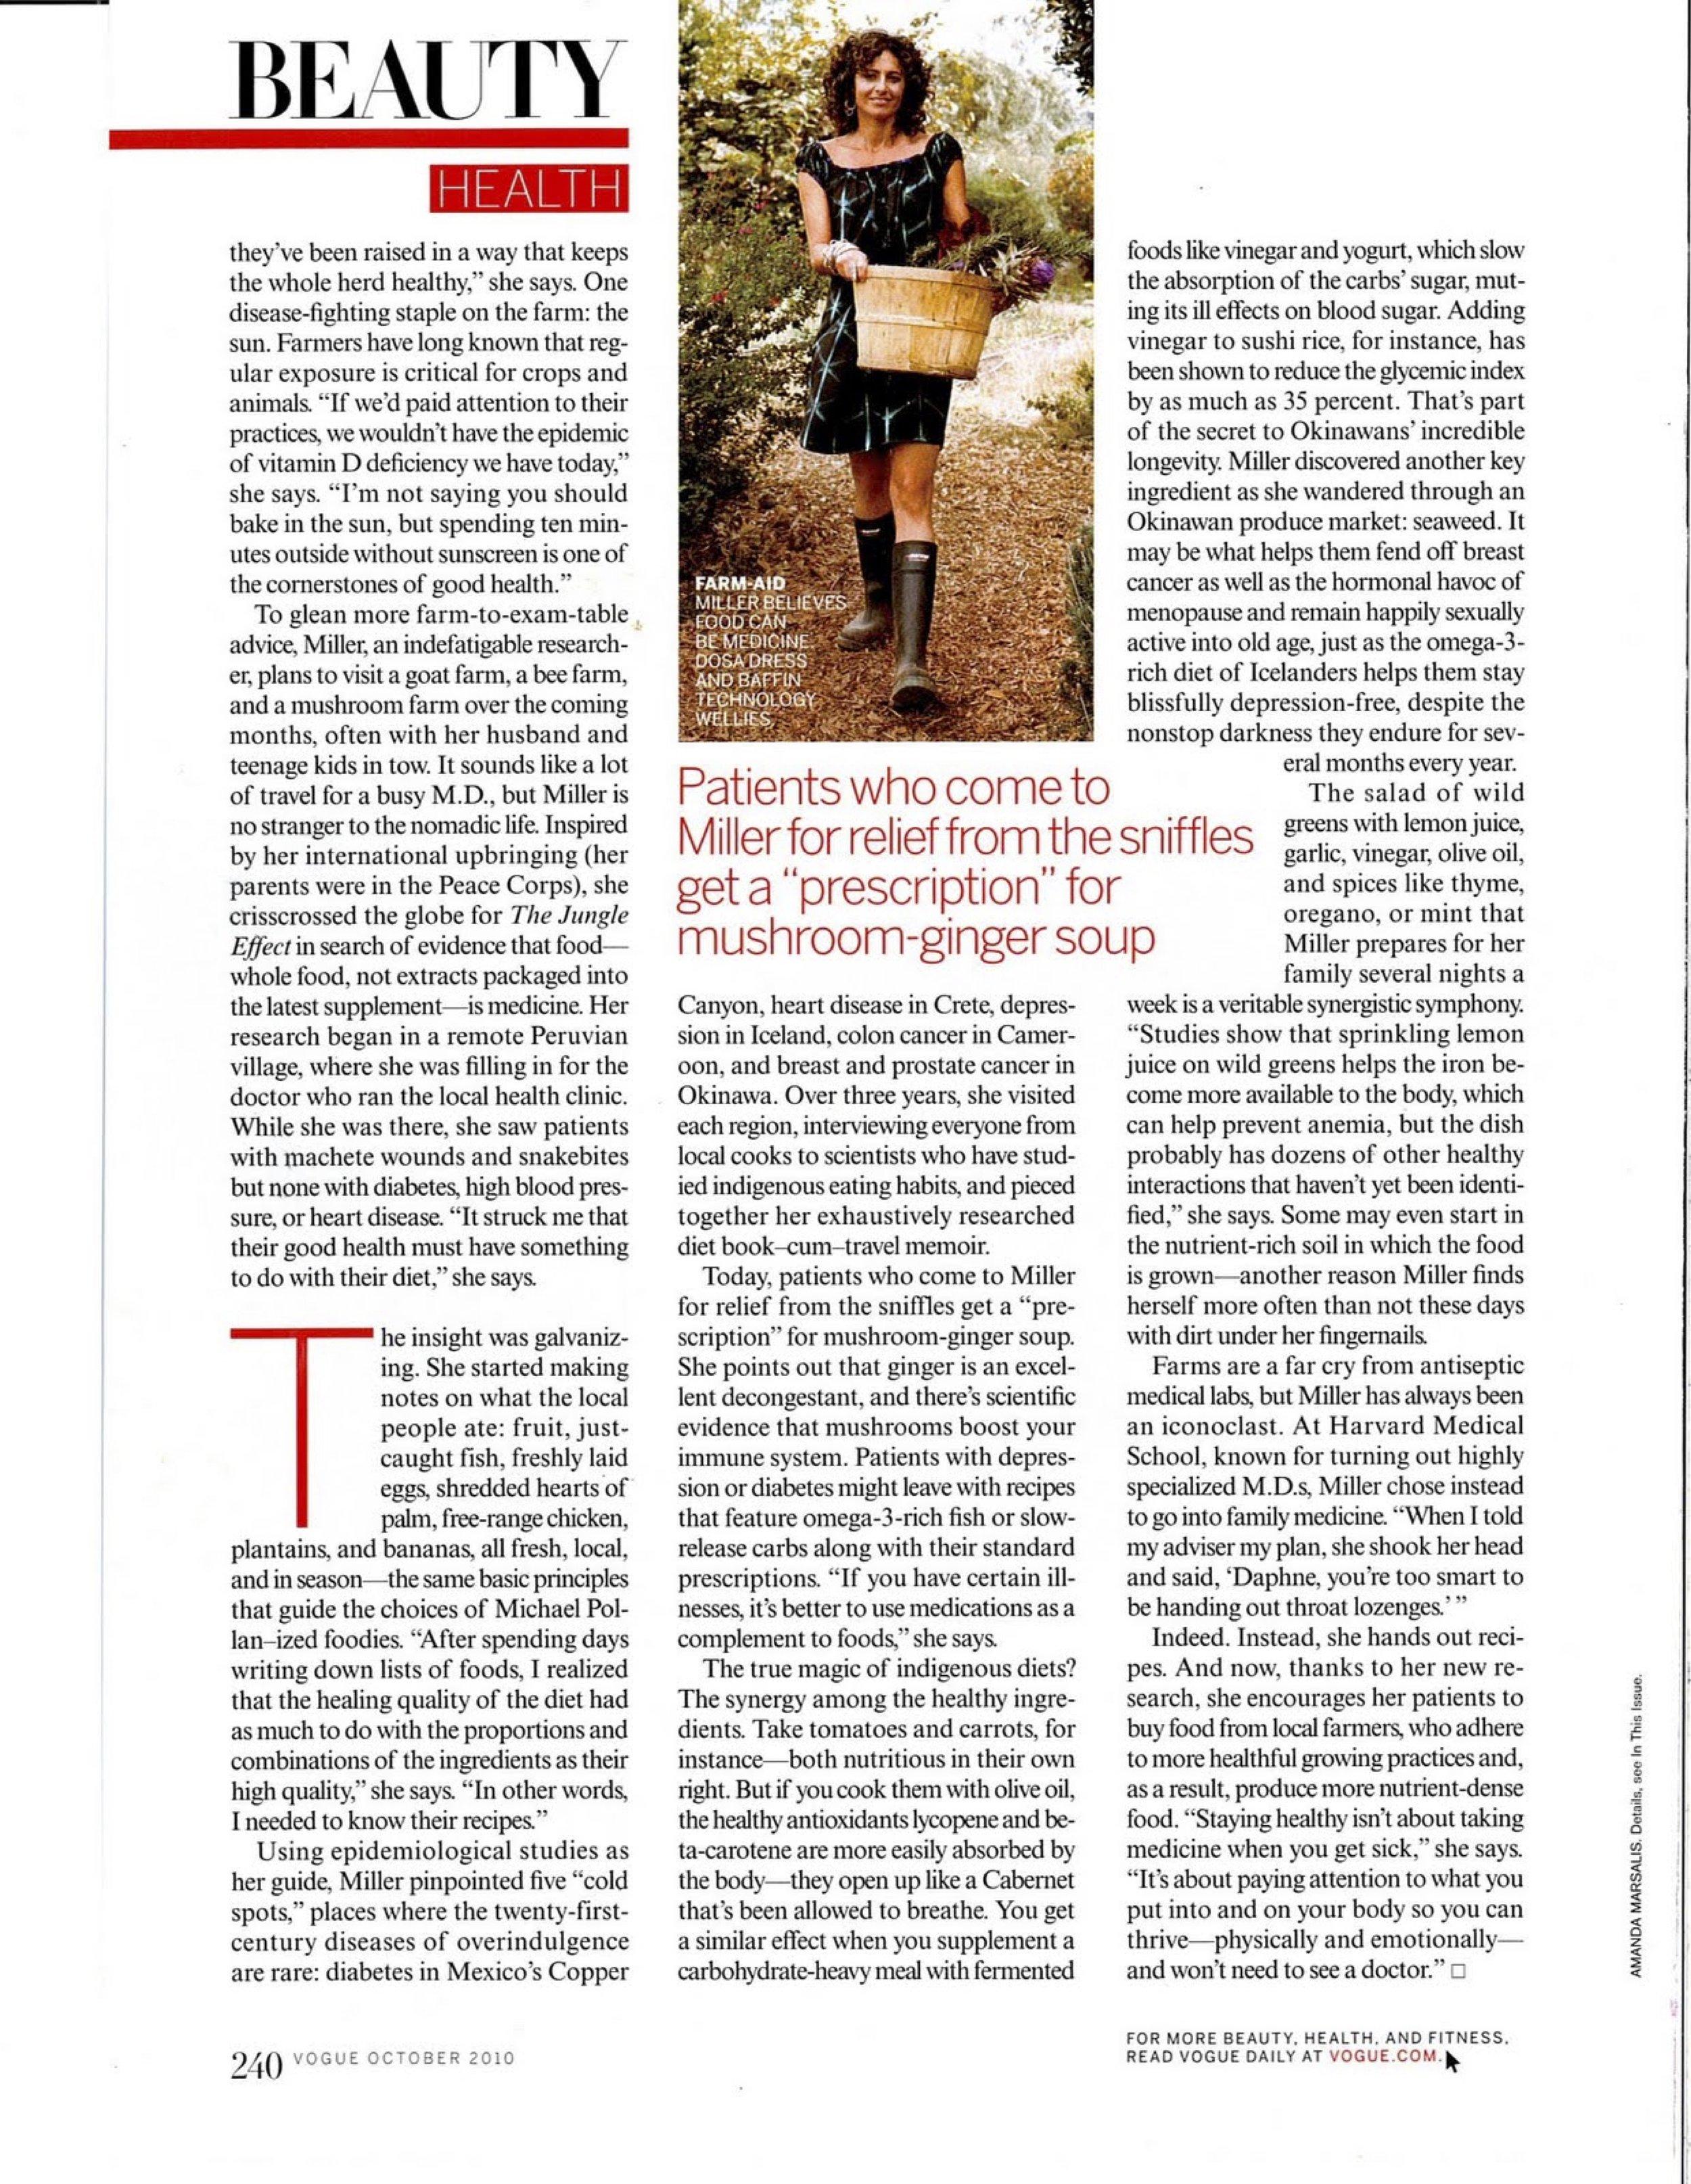 Vogue_Dr_Miller page 2.jpg